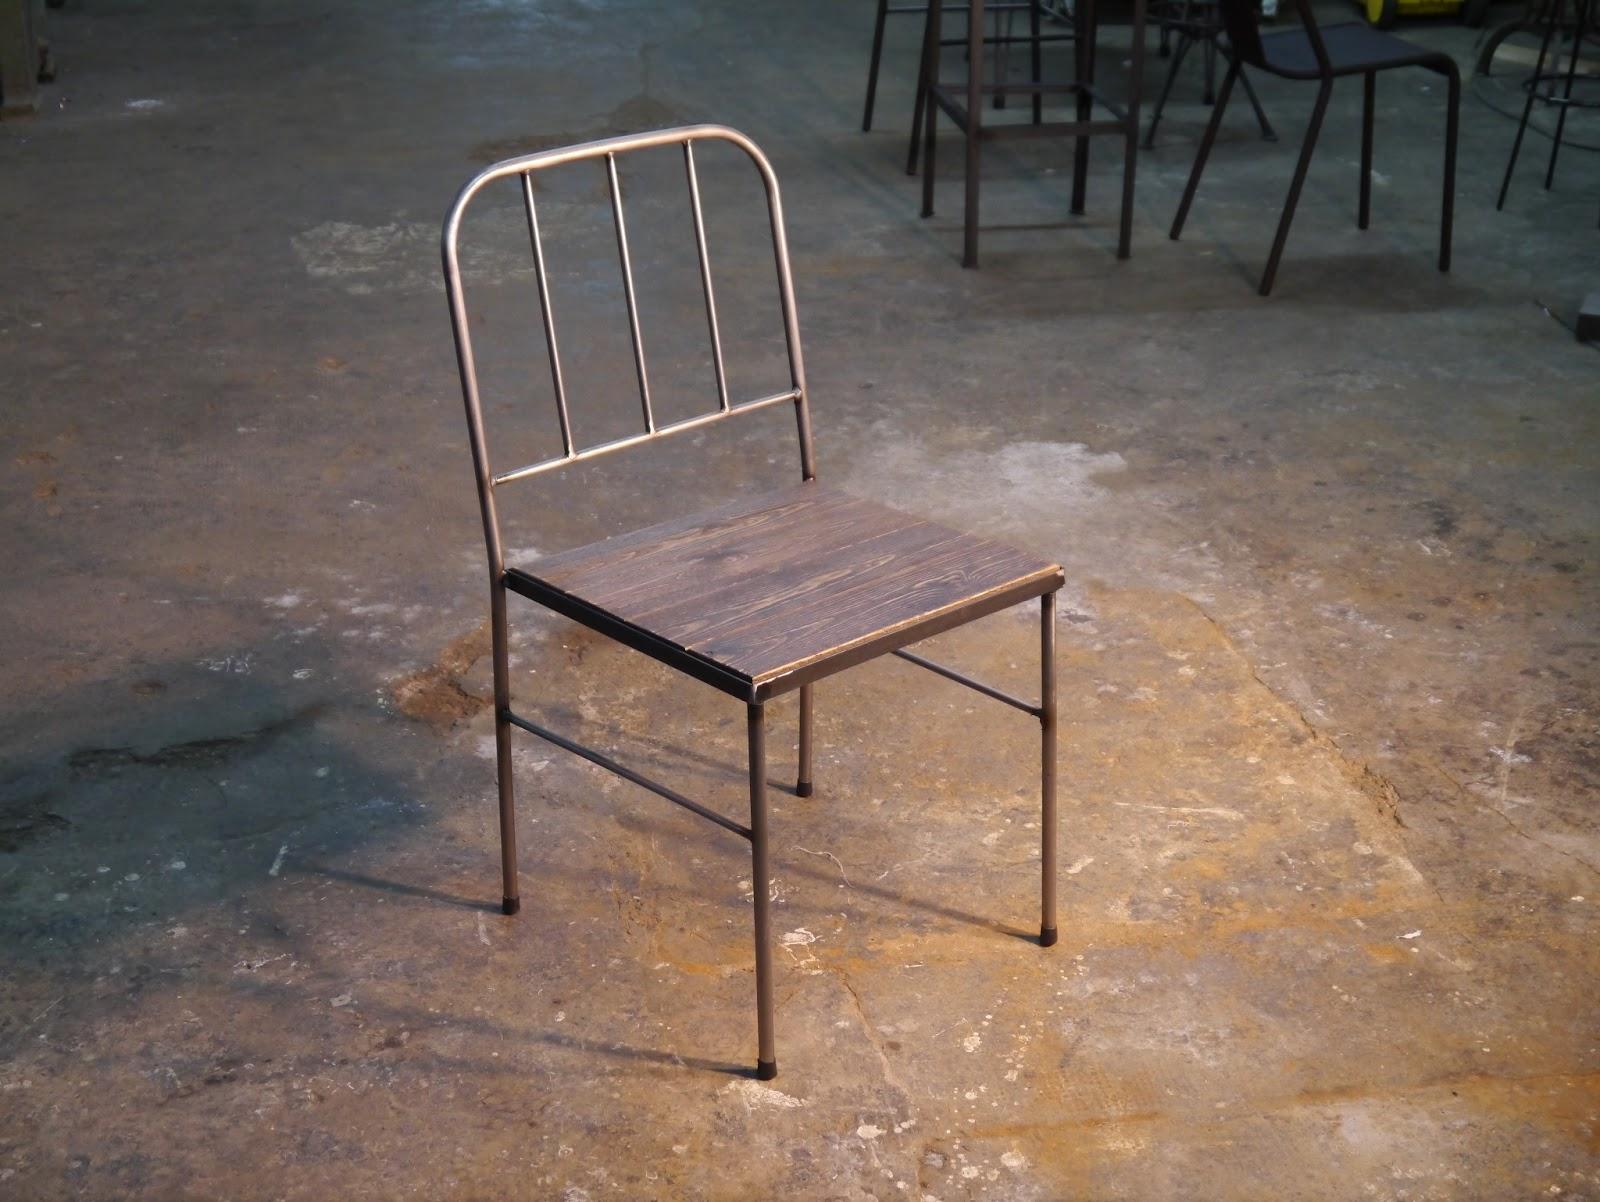 Fabrica sillas barcelona mesas y sillas de estilo vintage retro industrial hosteleria - Sillas hosteleria barcelona ...